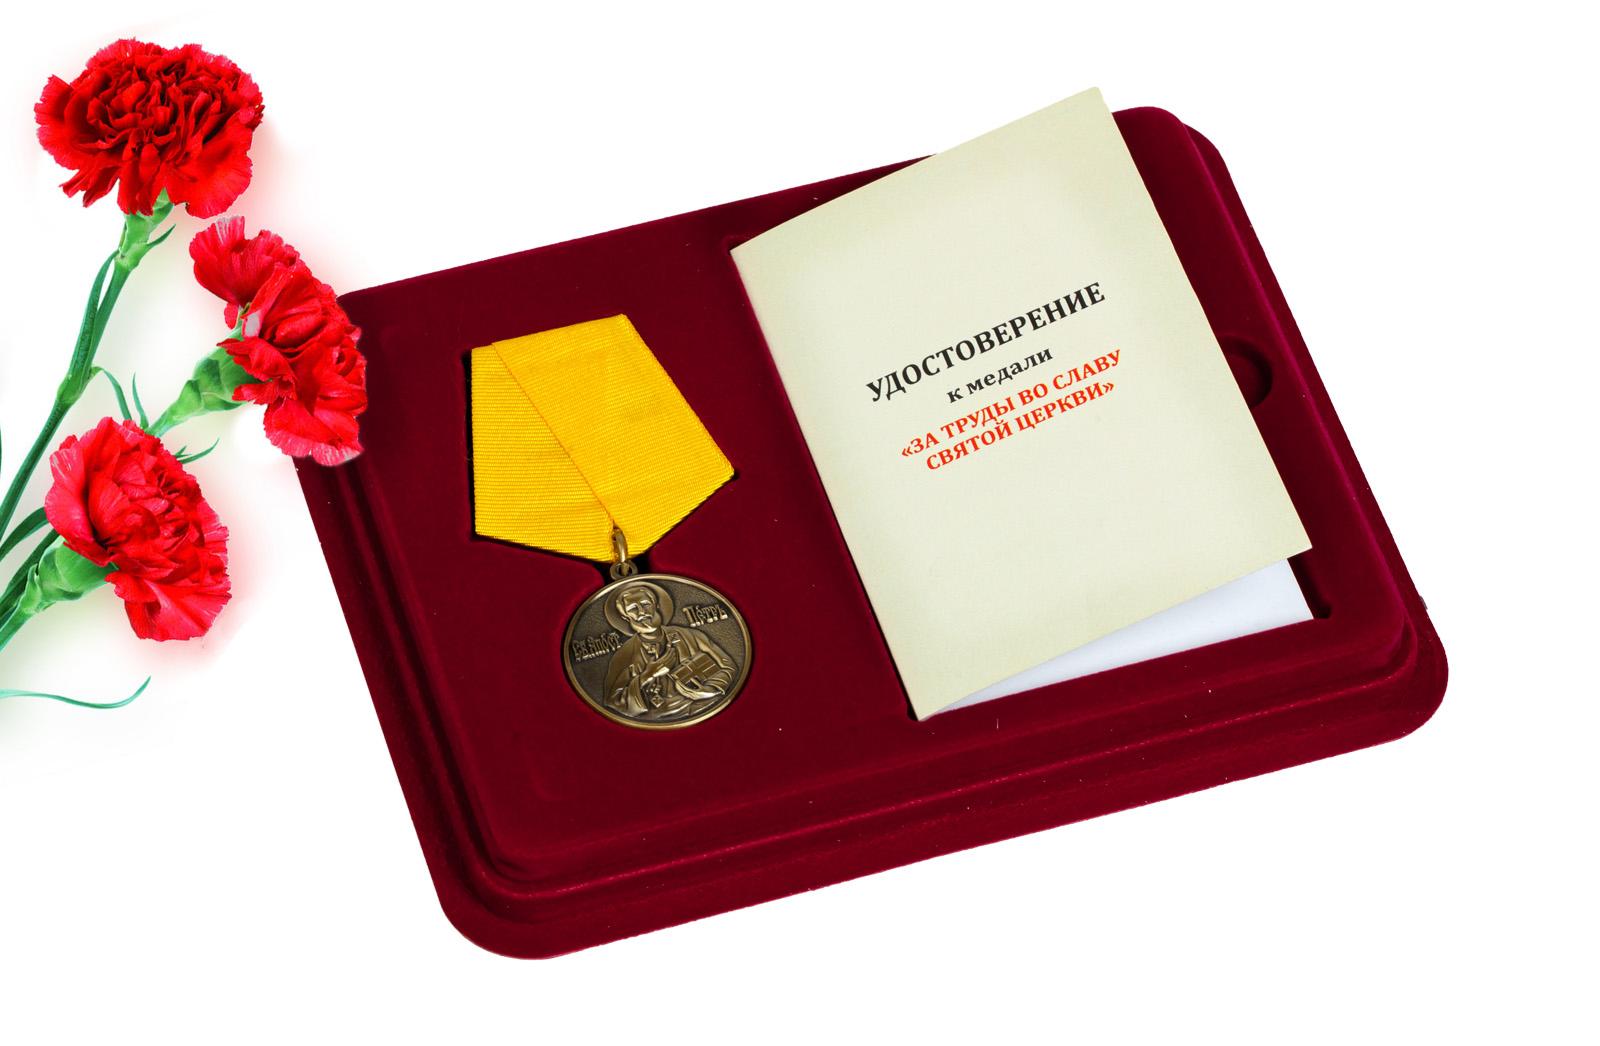 Купить православную медаль За труды во славу Святой церкви онлайн